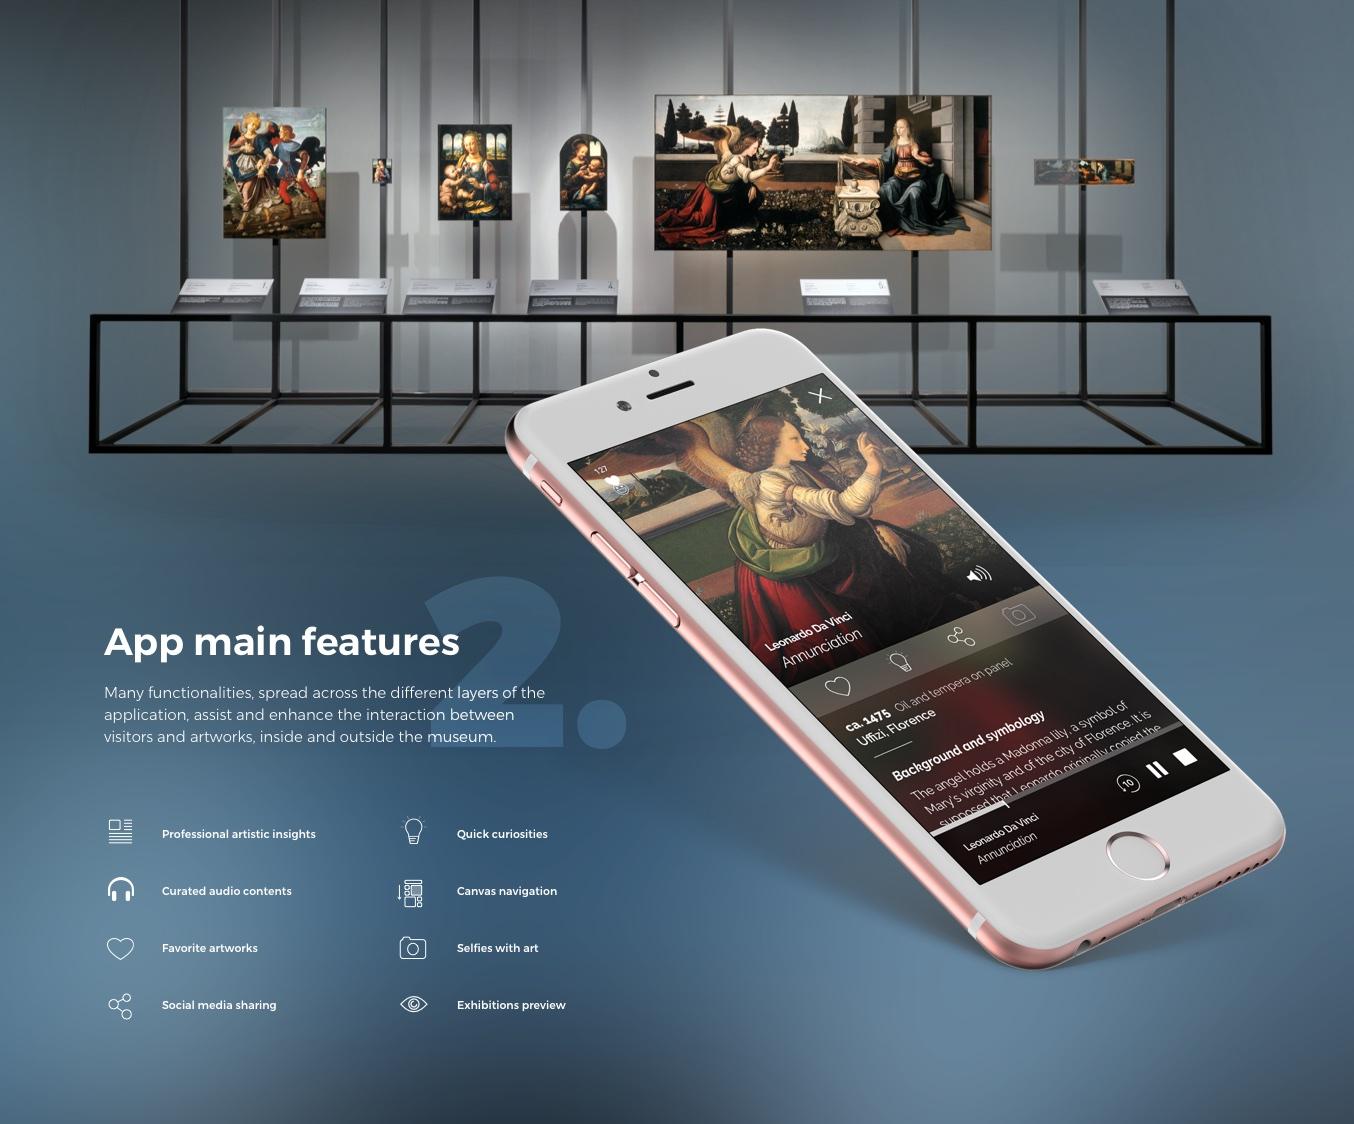 AppGuide+ Leonardiana Museum Experience - Features